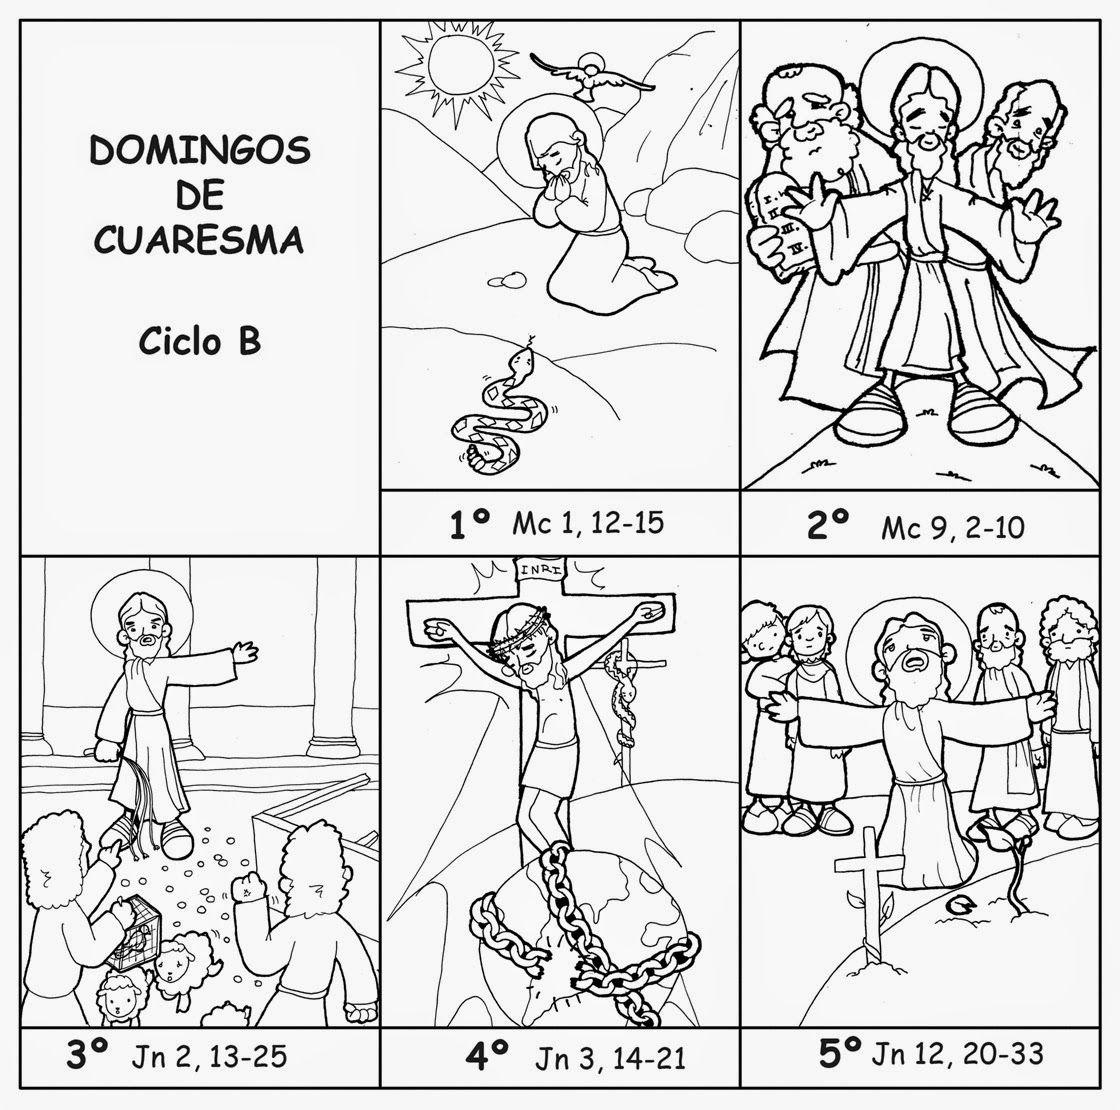 Domingos de CUARESMA – Ciclo B Primer domingo: Mc 1, 12-15 Después ...